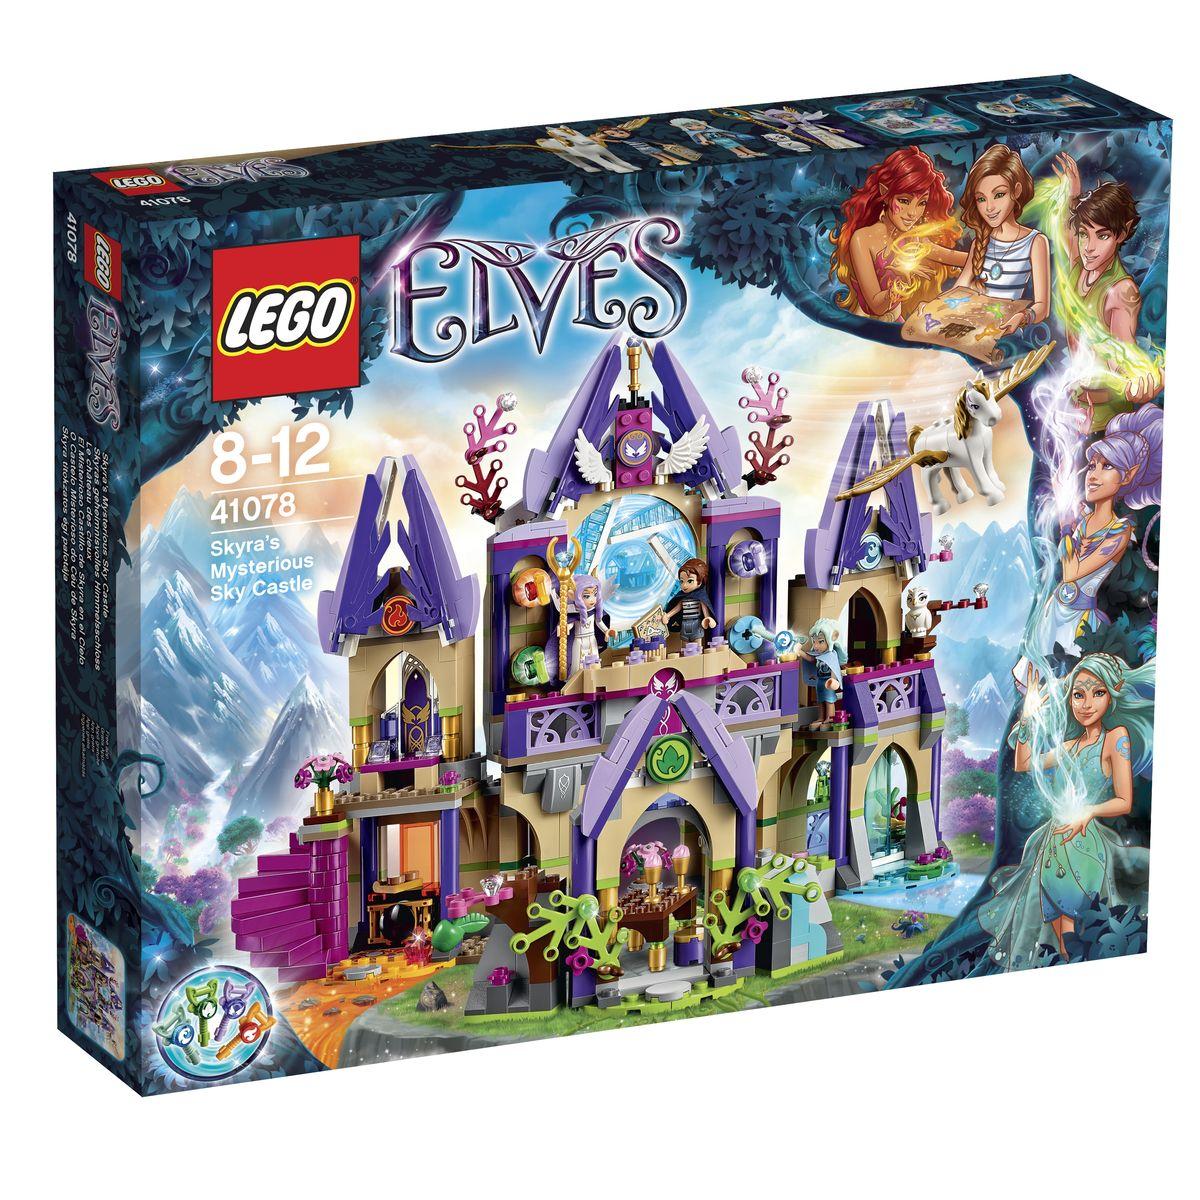 LEGO Elves Конструктор Небесный замок Скайры 4107841078Совершив невероятное путешествие по стране эльфов и добыв все четыре ключа Стихий, Эмили Джонс спешит к волшебному порталу, который перенесет ее обратно в мир людей. Но, на пути девочки встает последнее и самое трудное испытание. Чтобы вернуться домой, ей необходимо добраться до небесного замка и, пройдя все ловушки, уговорить хранительницу Скайру открыть портал. Из деталей набора LEGO 41078 Вы сможете построить сказочный замок Скайры с множеством комнат и балконов. Вход в замок преграждает каменная арка, заросшая кустарником. Используя волшебную силу, можно раздвинуть колючие ветки и попасть во двор замка. Здесь, для приема гостей поставлен большой дубовый стол и четыре стула. За ними виден просторный зал с бежевыми стенами и цветущей клумбой. Справа от него располагается Спа-комплекс с разнообразными водными процедурами. Но, попасть в него может только настоящая волшебница, которая при помощи заклинаний остановит водопад и сдвинет стены. С противоположной стороны от...